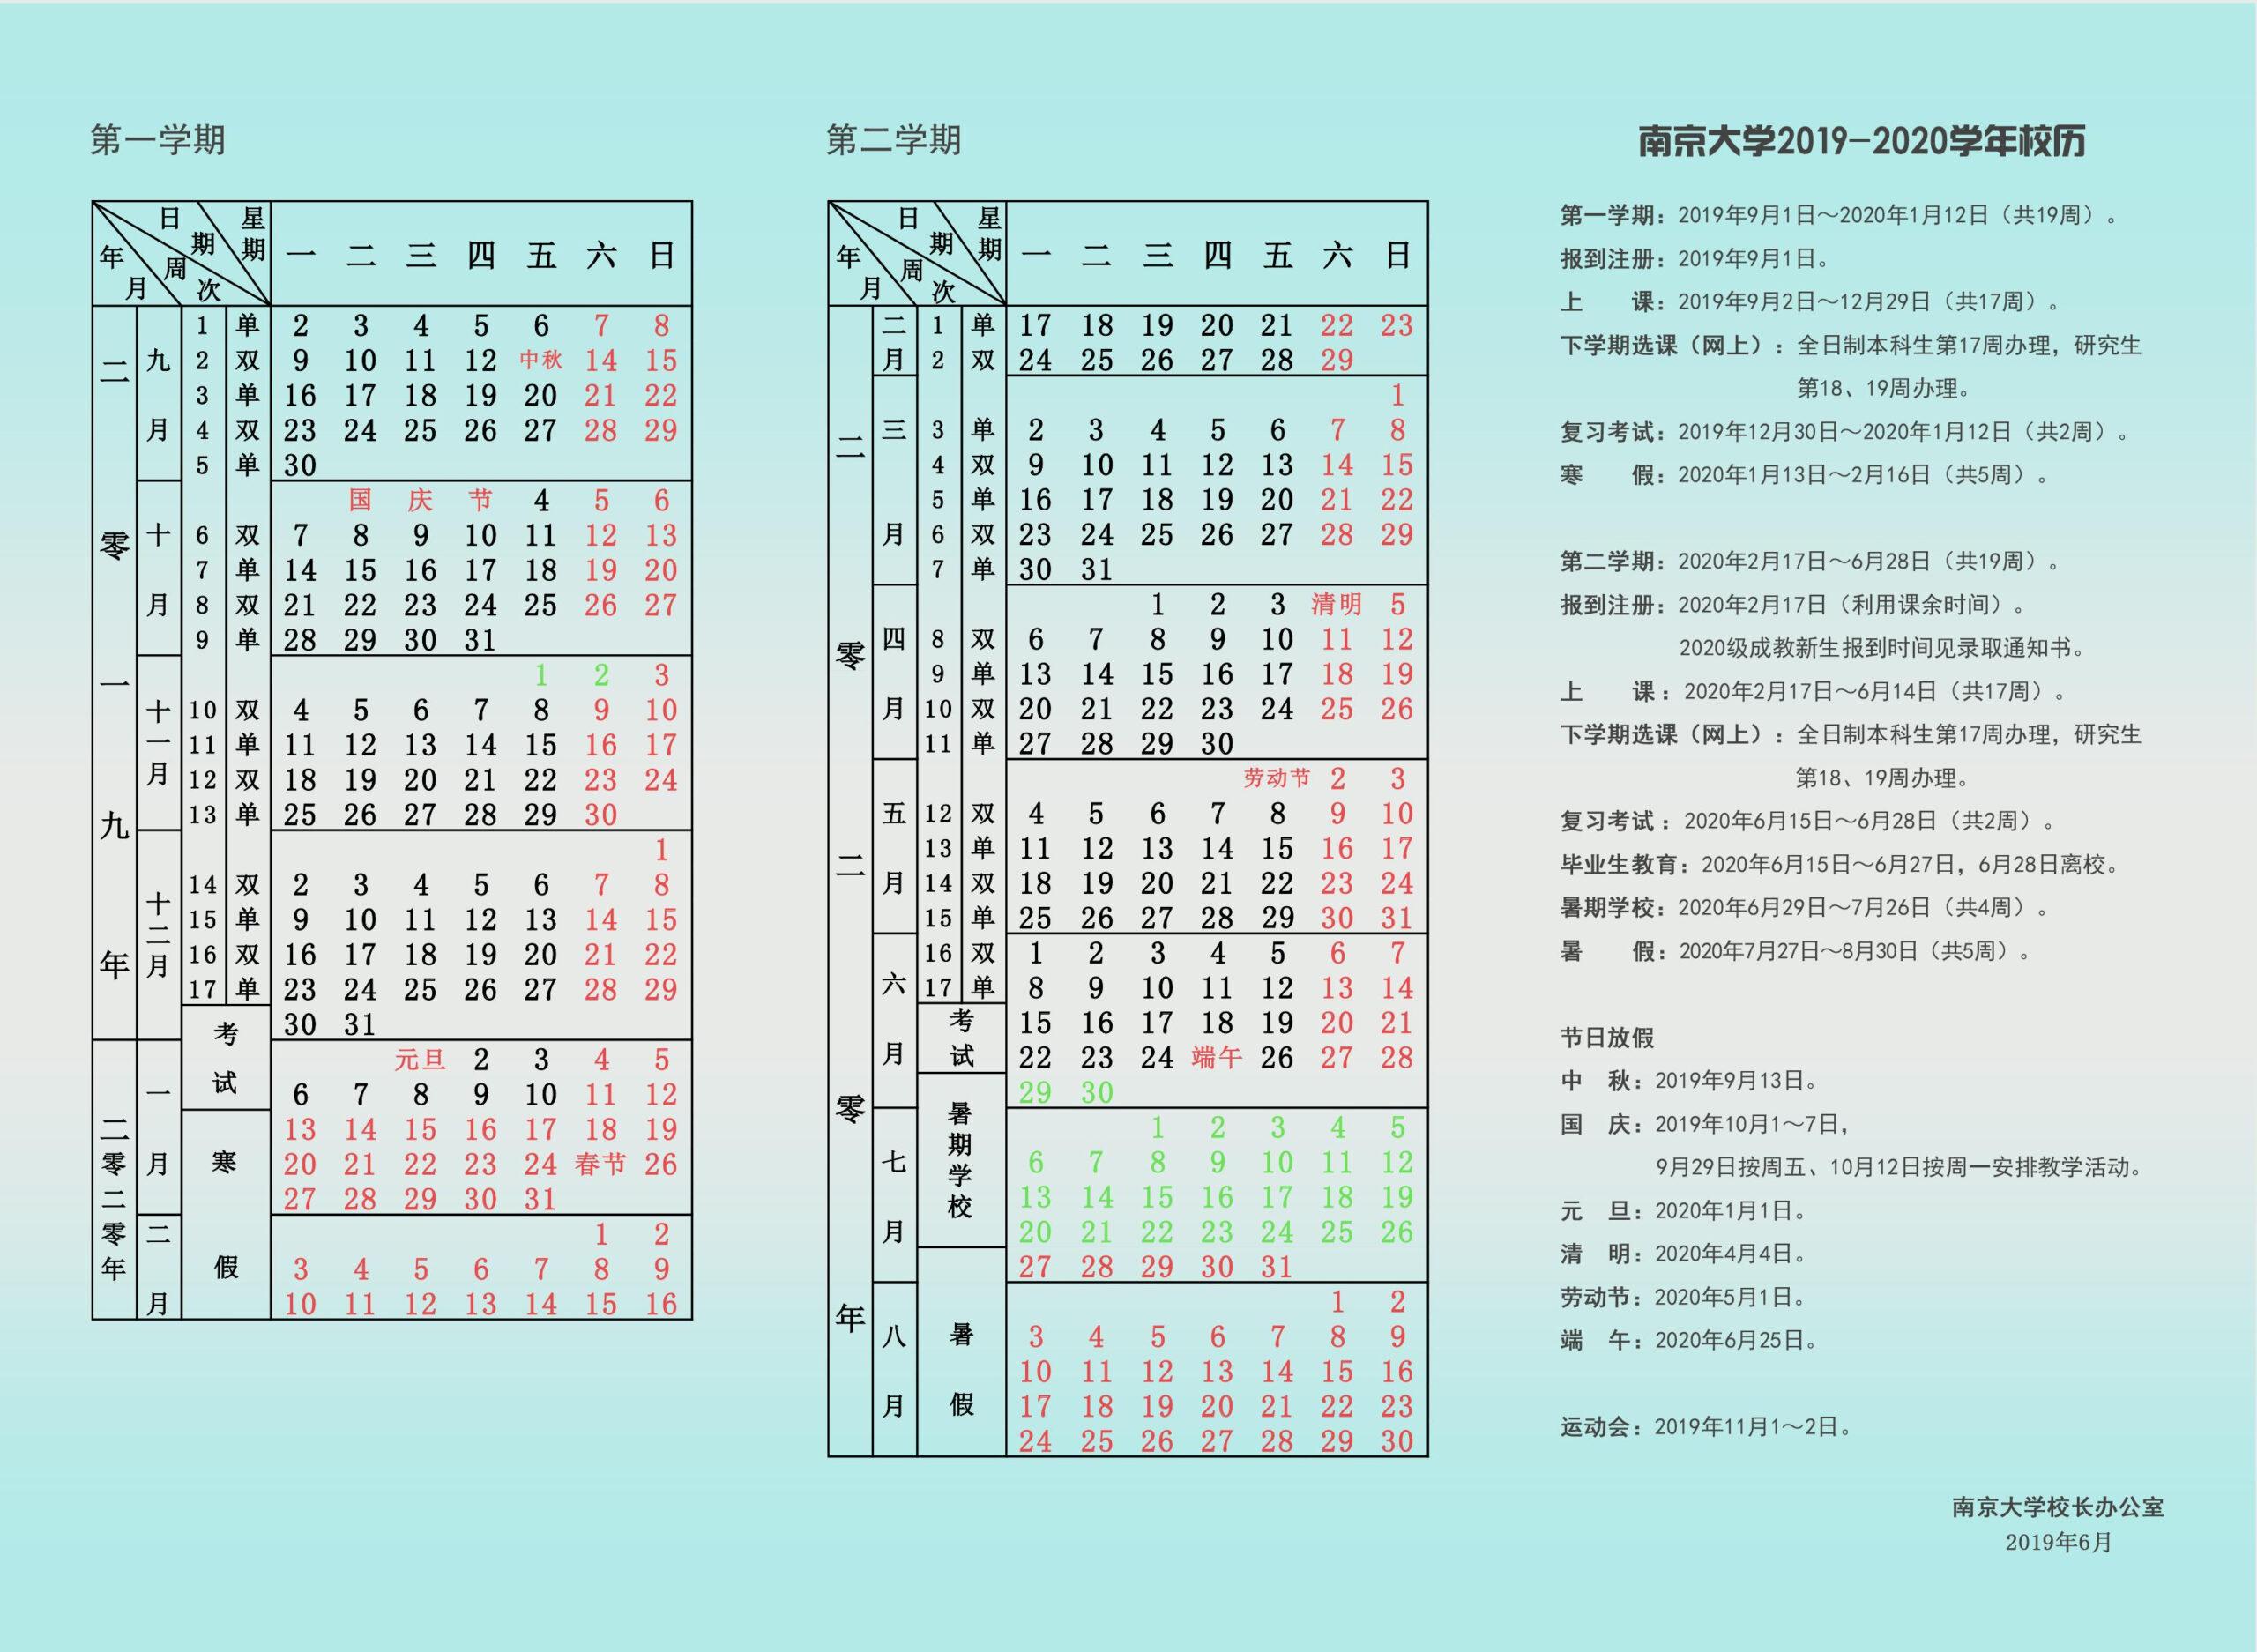 Uc Berkeley Academic Calendar | Calendar For Planning with Berkeley Academic Calendar